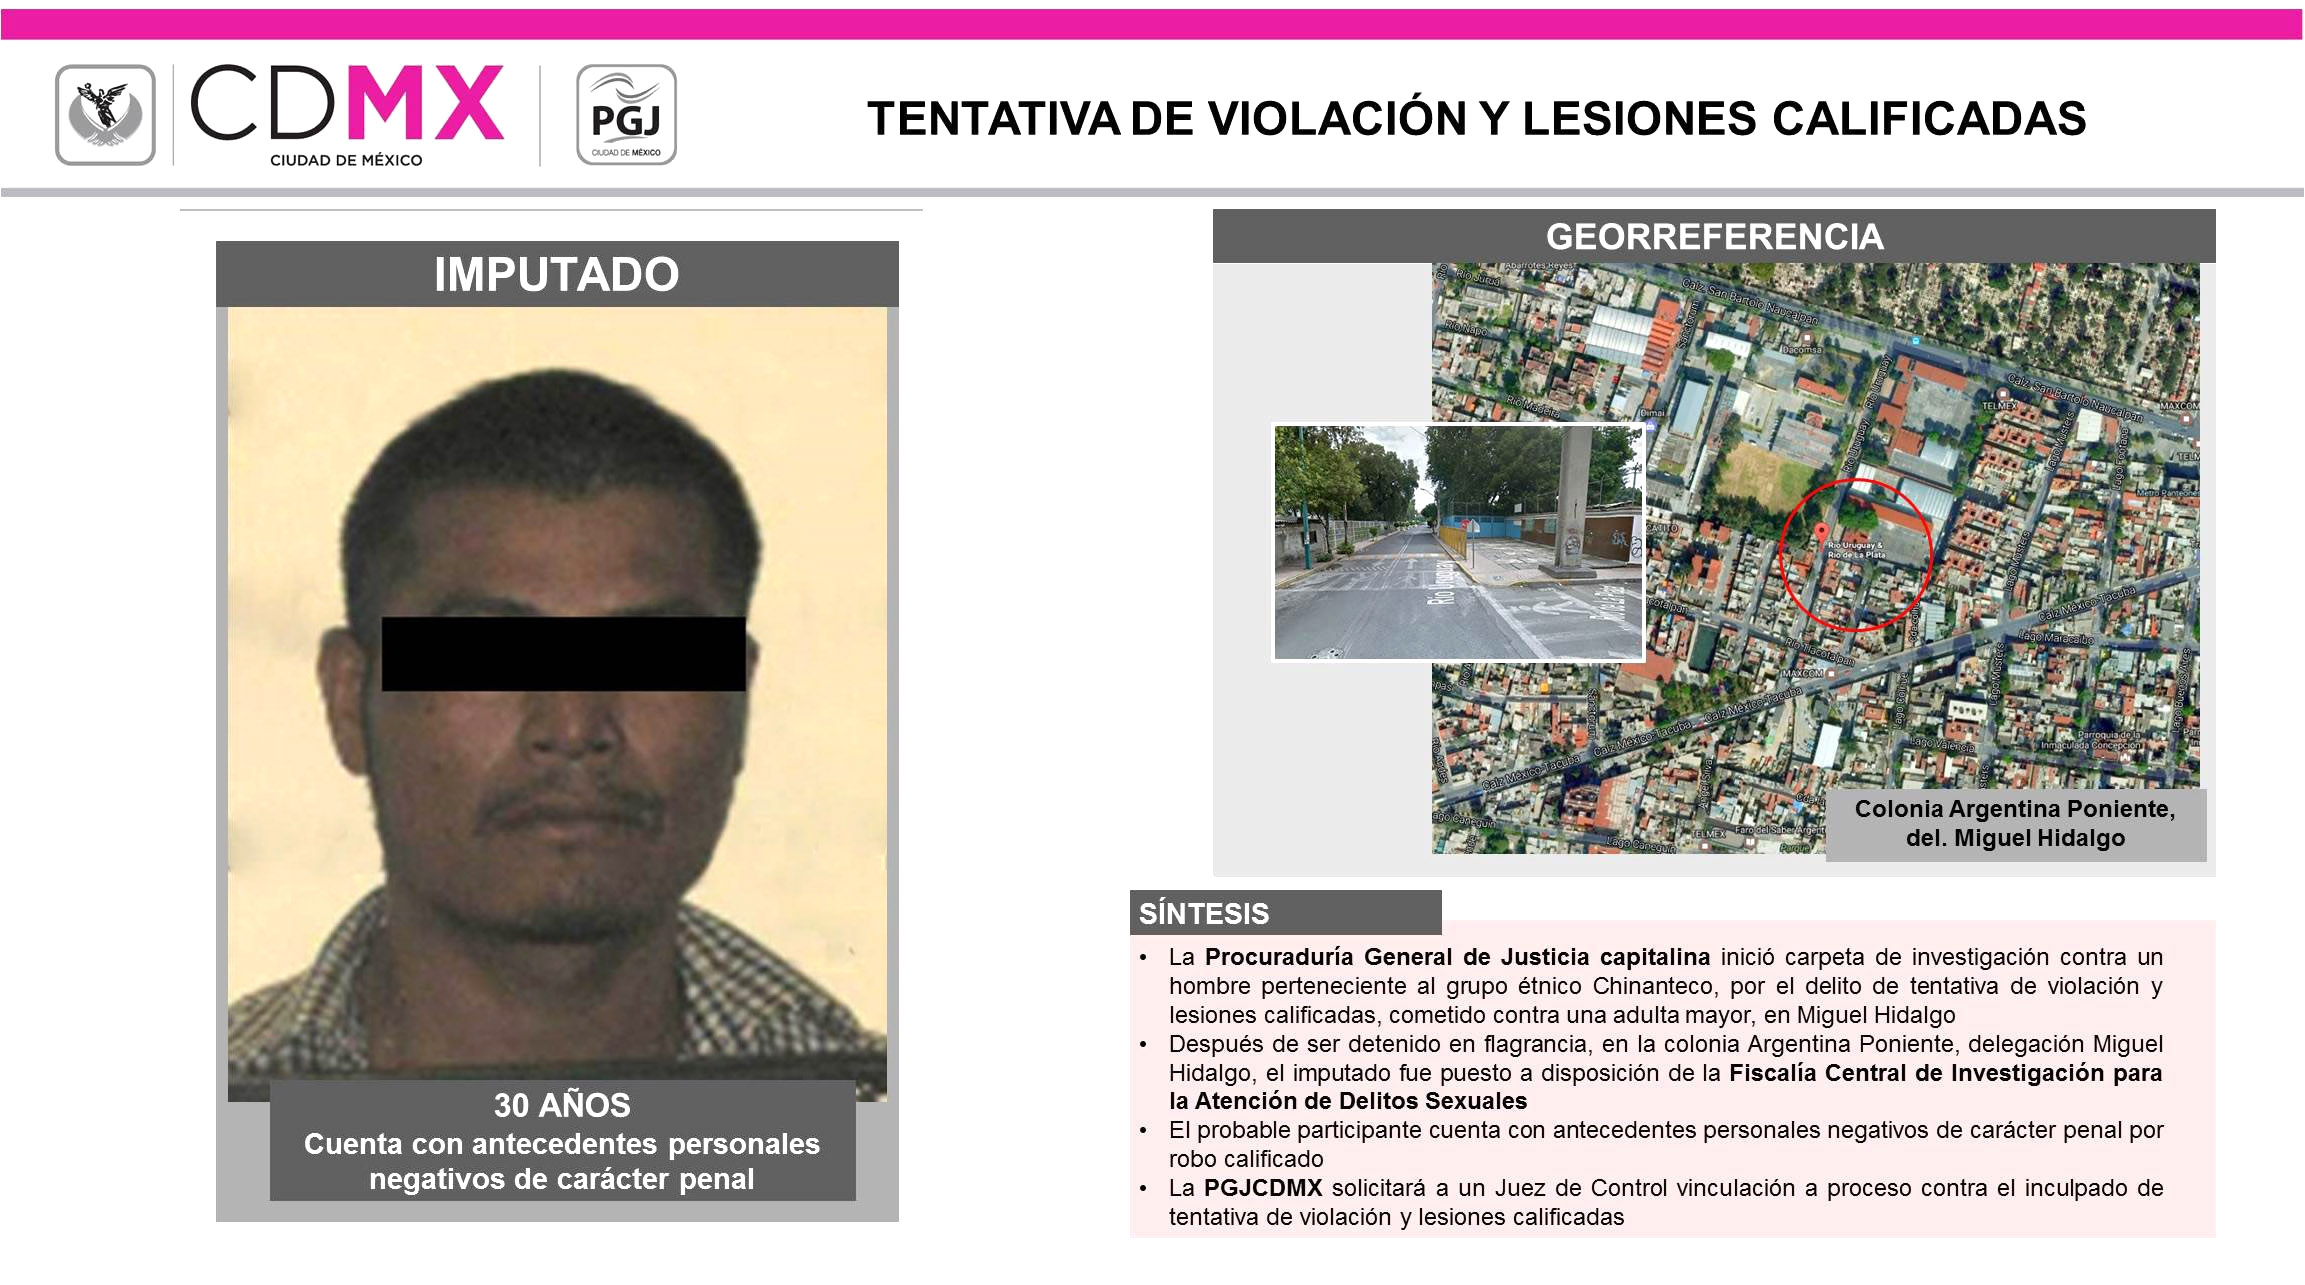 LOGRA LA PGJ CAPITALINA VINCULAR A PROCESO A HOMBRE POR TENTATIVA DE VIOLACIÓN